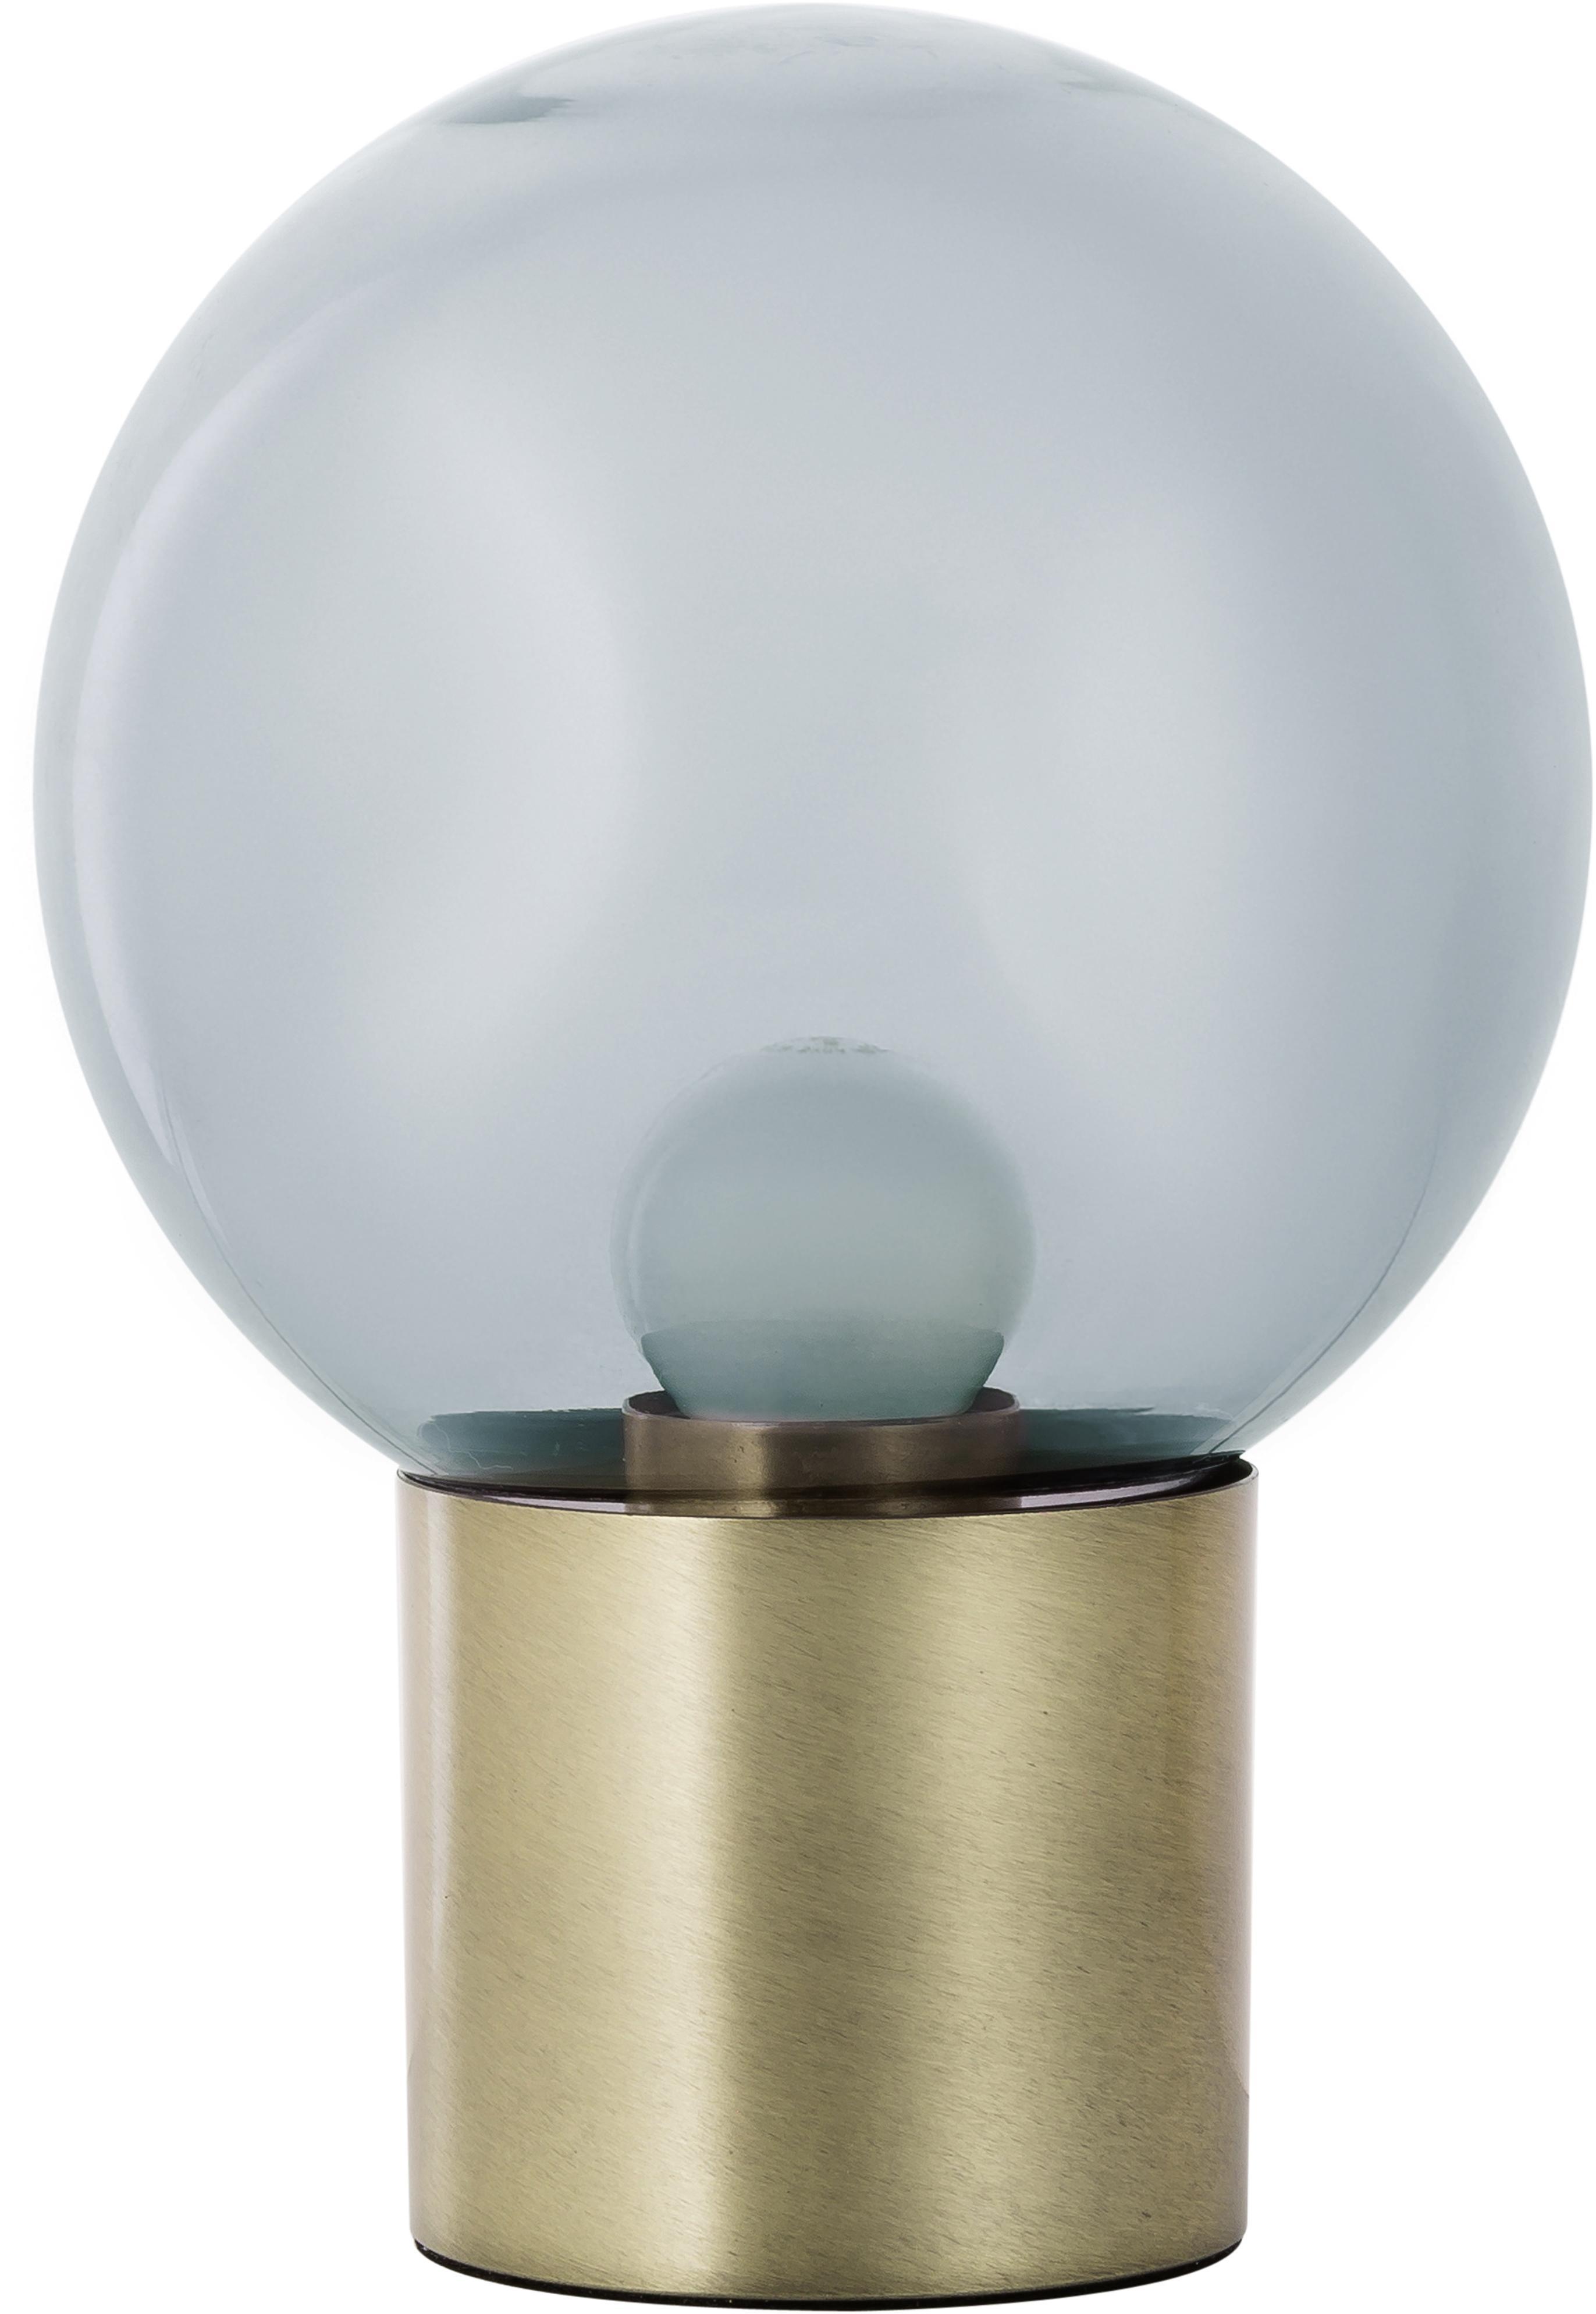 Retro-Tischlampe Lark aus Glas, Lampenschirm: Glas, Lampenfuß: Metall, gebürstet, Lampenschirm: Grau, transparentLampenfuß: Messingfarben, matt, Ø 17 x H 24 cm